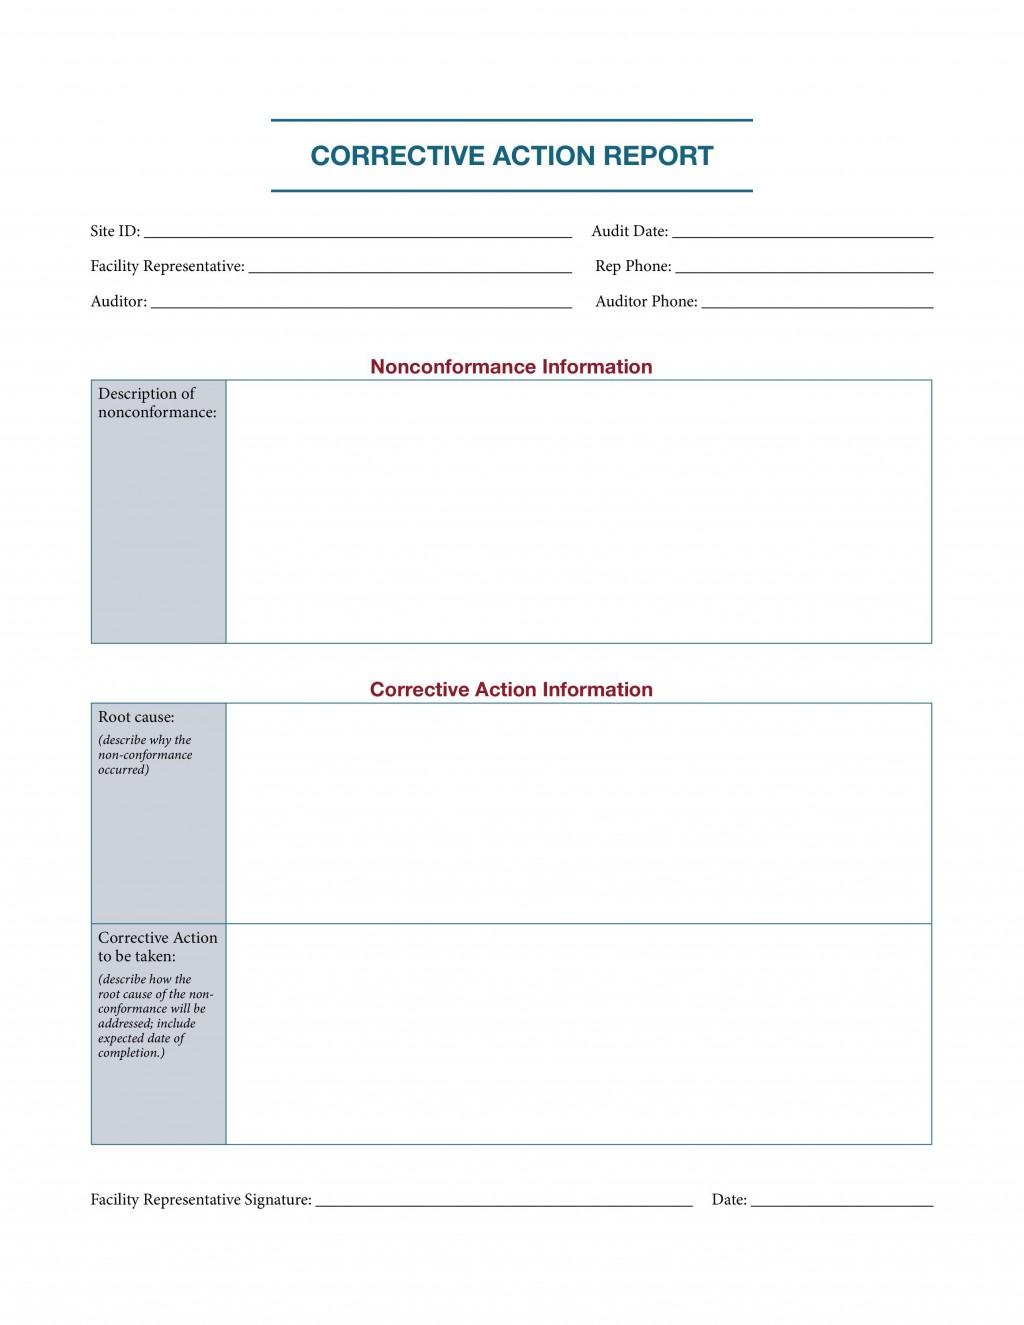 000 Sensational Corrective Action Report Template Concept  Doc 8d Format PdfLarge